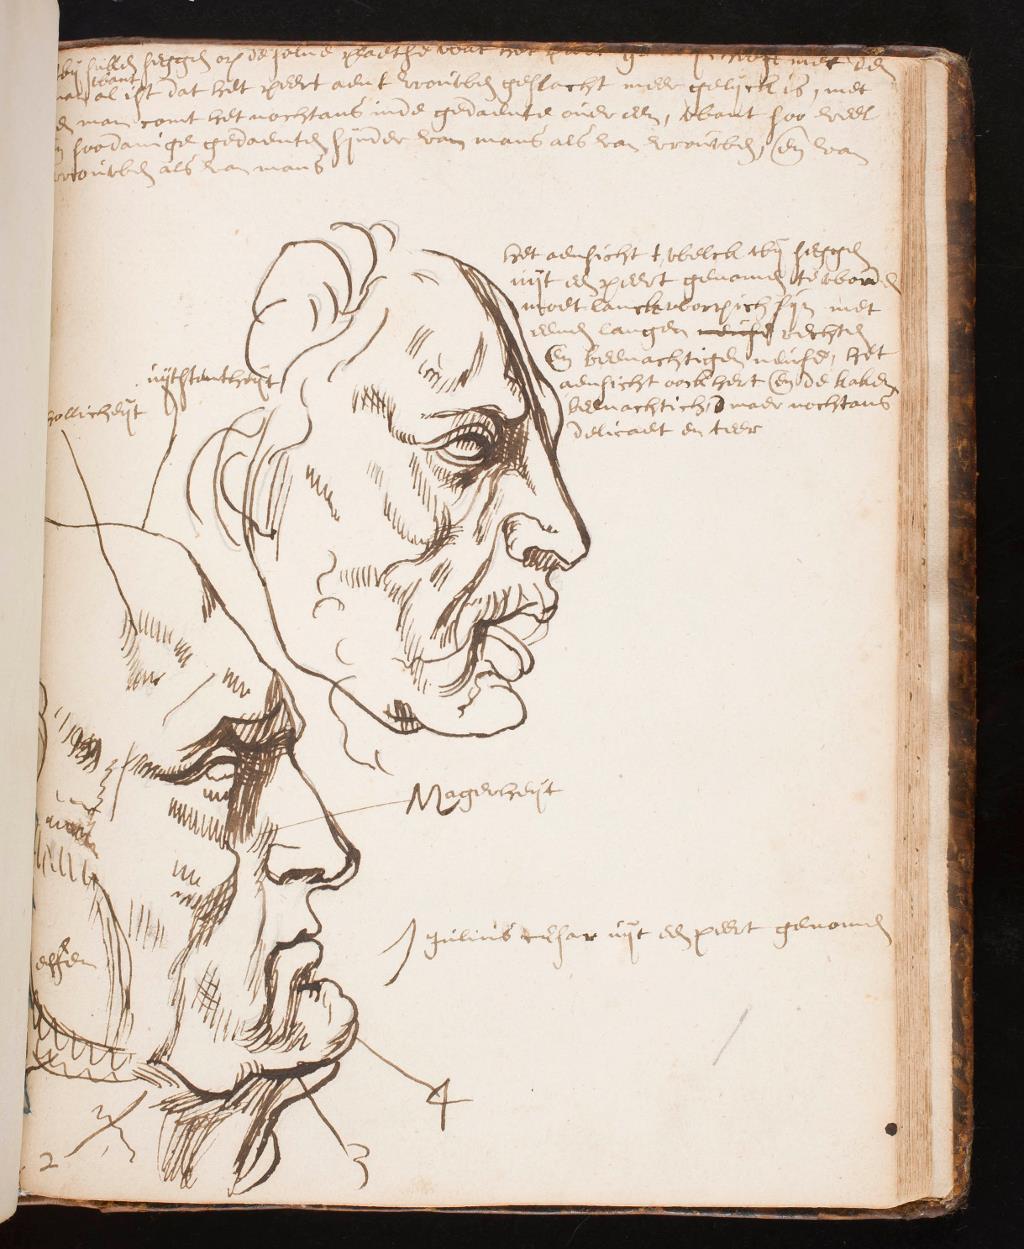 El Museo del Prado anuncia la reciente adquisición de la biblioteca de Juan Bordes